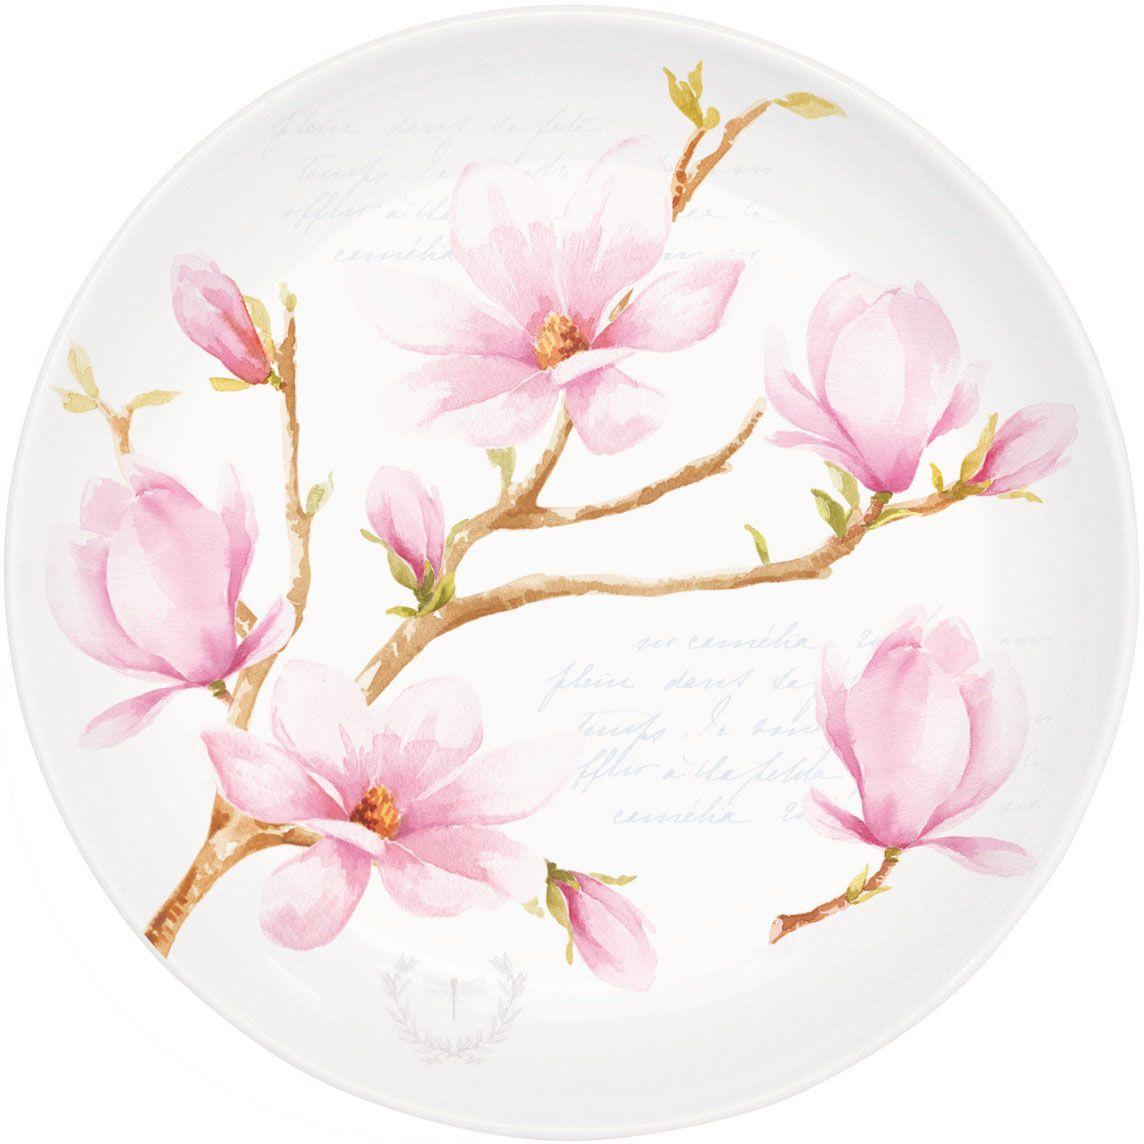 Десертная тарелка Nuova R2S Розовая магнолия, в подарочной упаковке, диаметр: 19 см324MAGNДесертная тарелка Розовая магнолия Д 19 см прекрасно подойдет в дополнение к кружке коллекции или как самостоятельный предмет посуды.